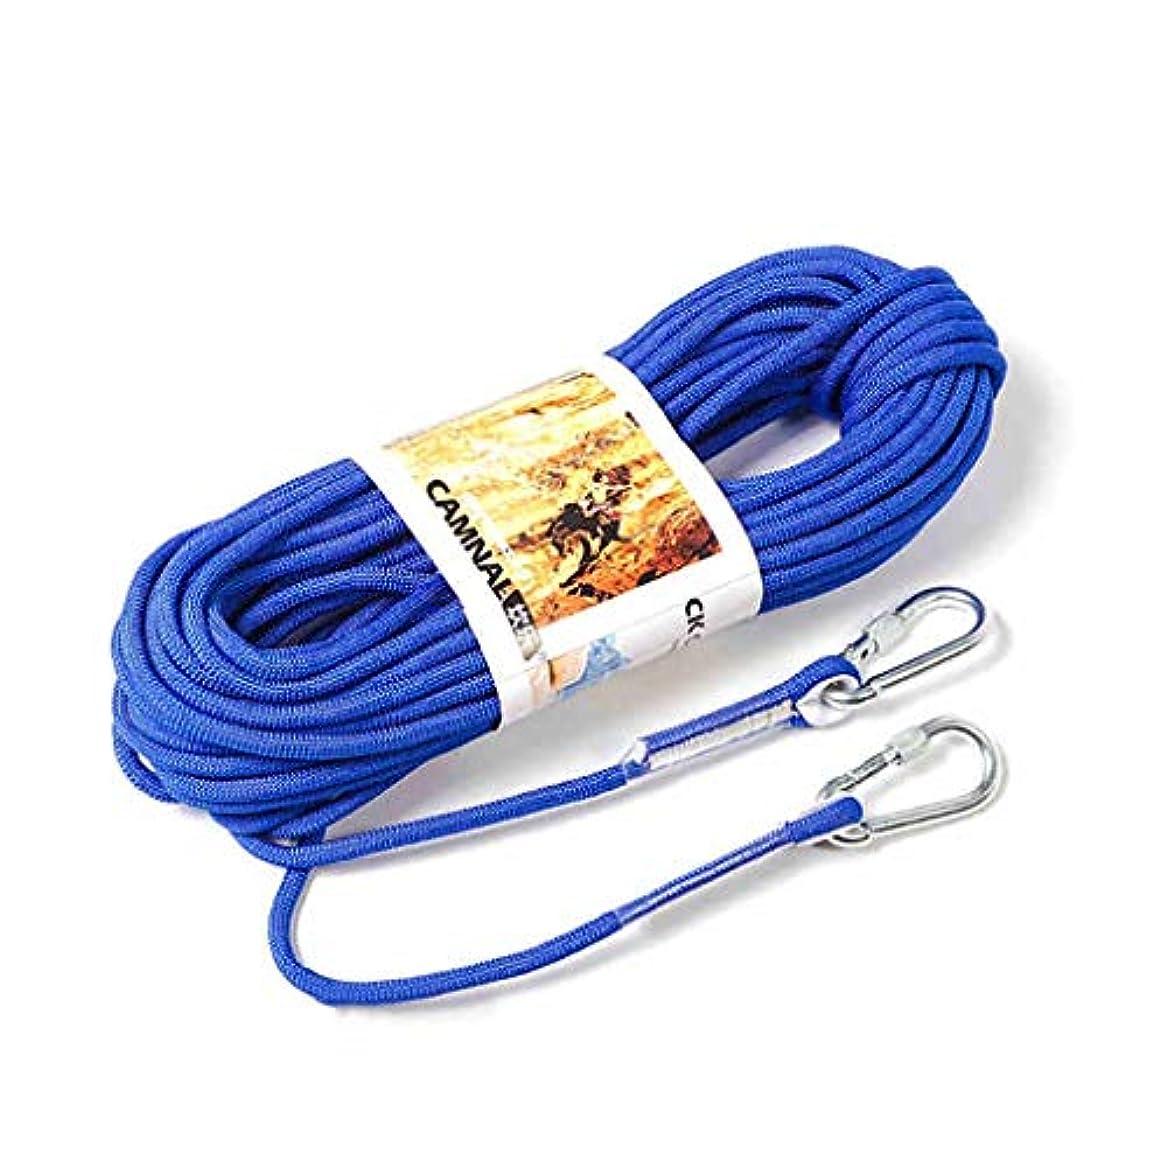 咲くサイトマイクロプロセッサKTYXDE クライミングロープキャンプ/クライミング/クライミング/ダイビングウェア径6/8 / 9.5 / 12mm長さは10/20/30/40/50 / 100mマルチカラーオプション クライミングロープ (Color : G, Size : 8MM 50M)